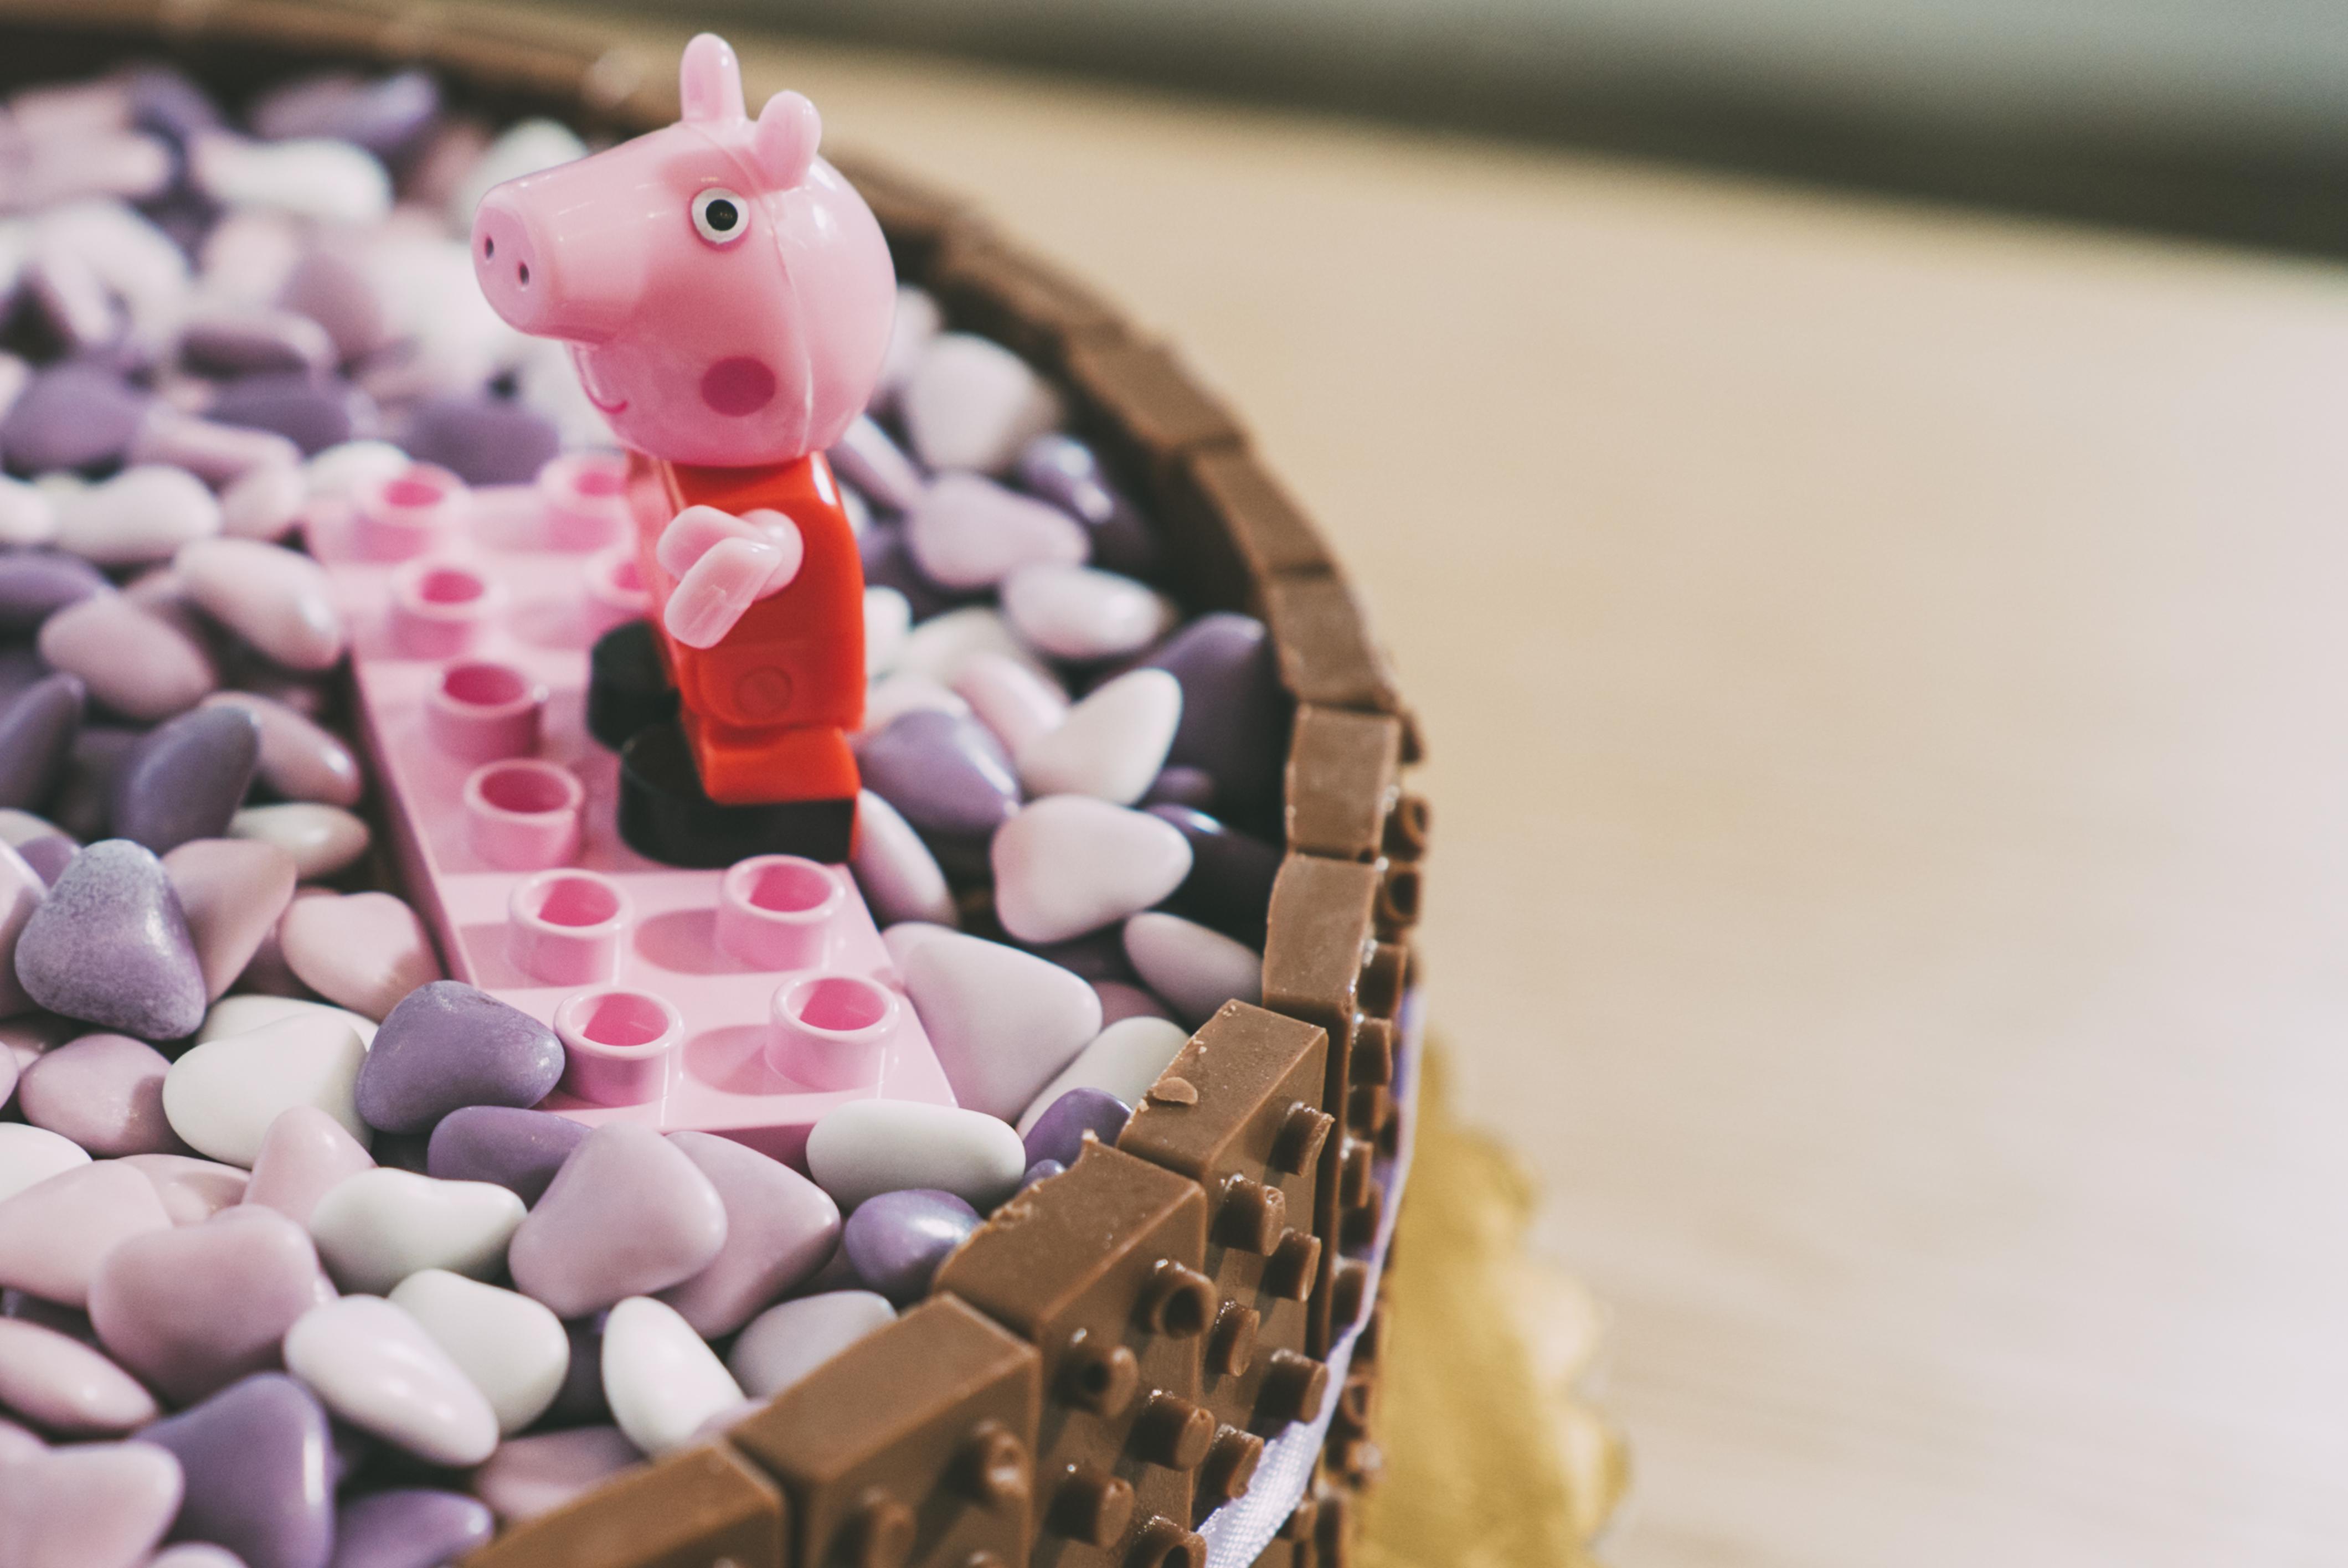 torta di compleanno al cioccolato con Peppa Pig